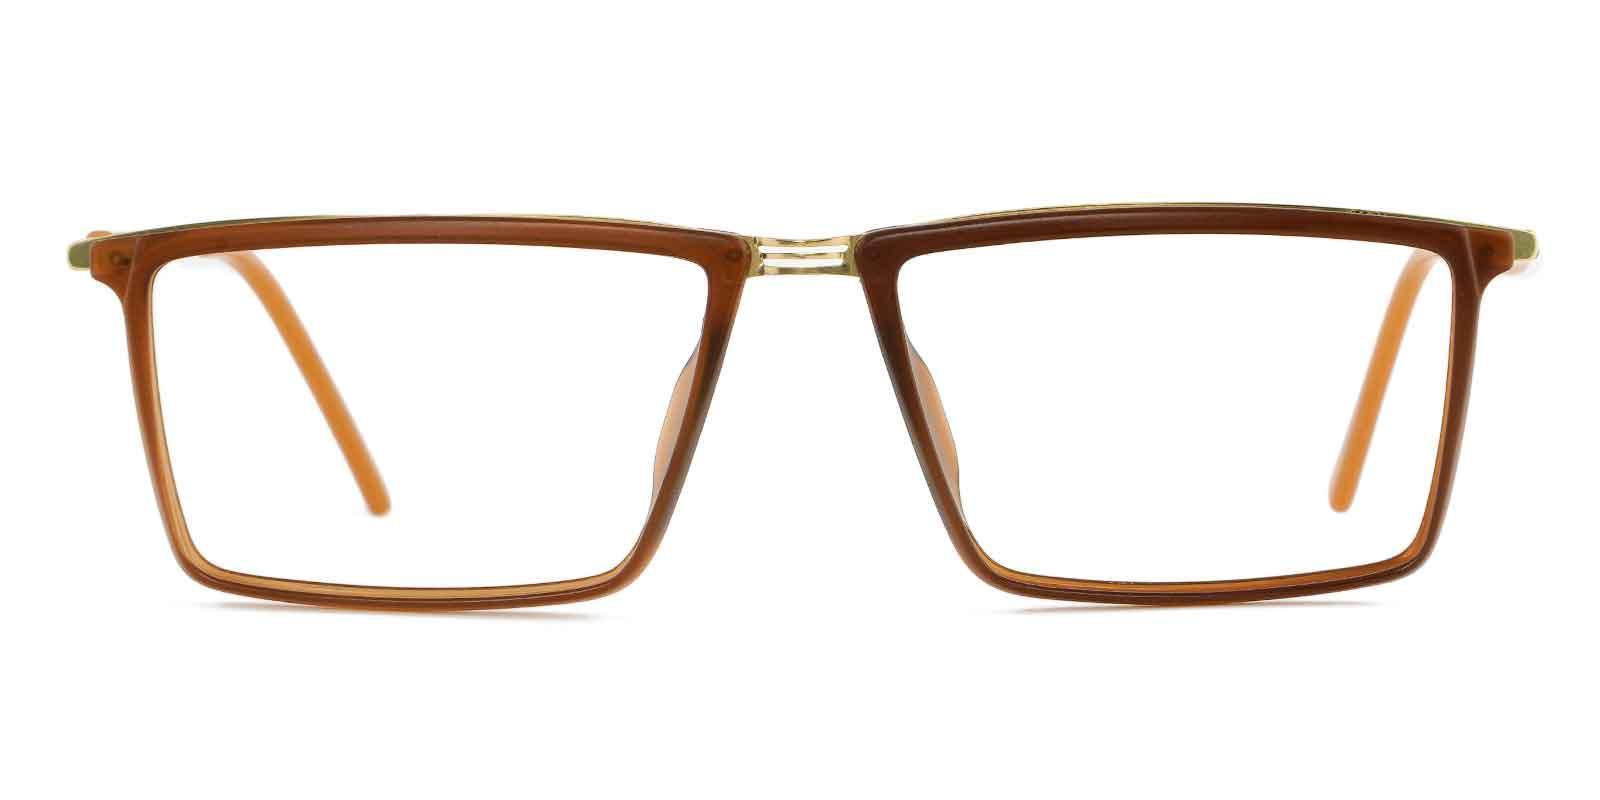 Rhode Brown TR Eyeglasses , UniversalBridgeFit Frames from ABBE Glasses